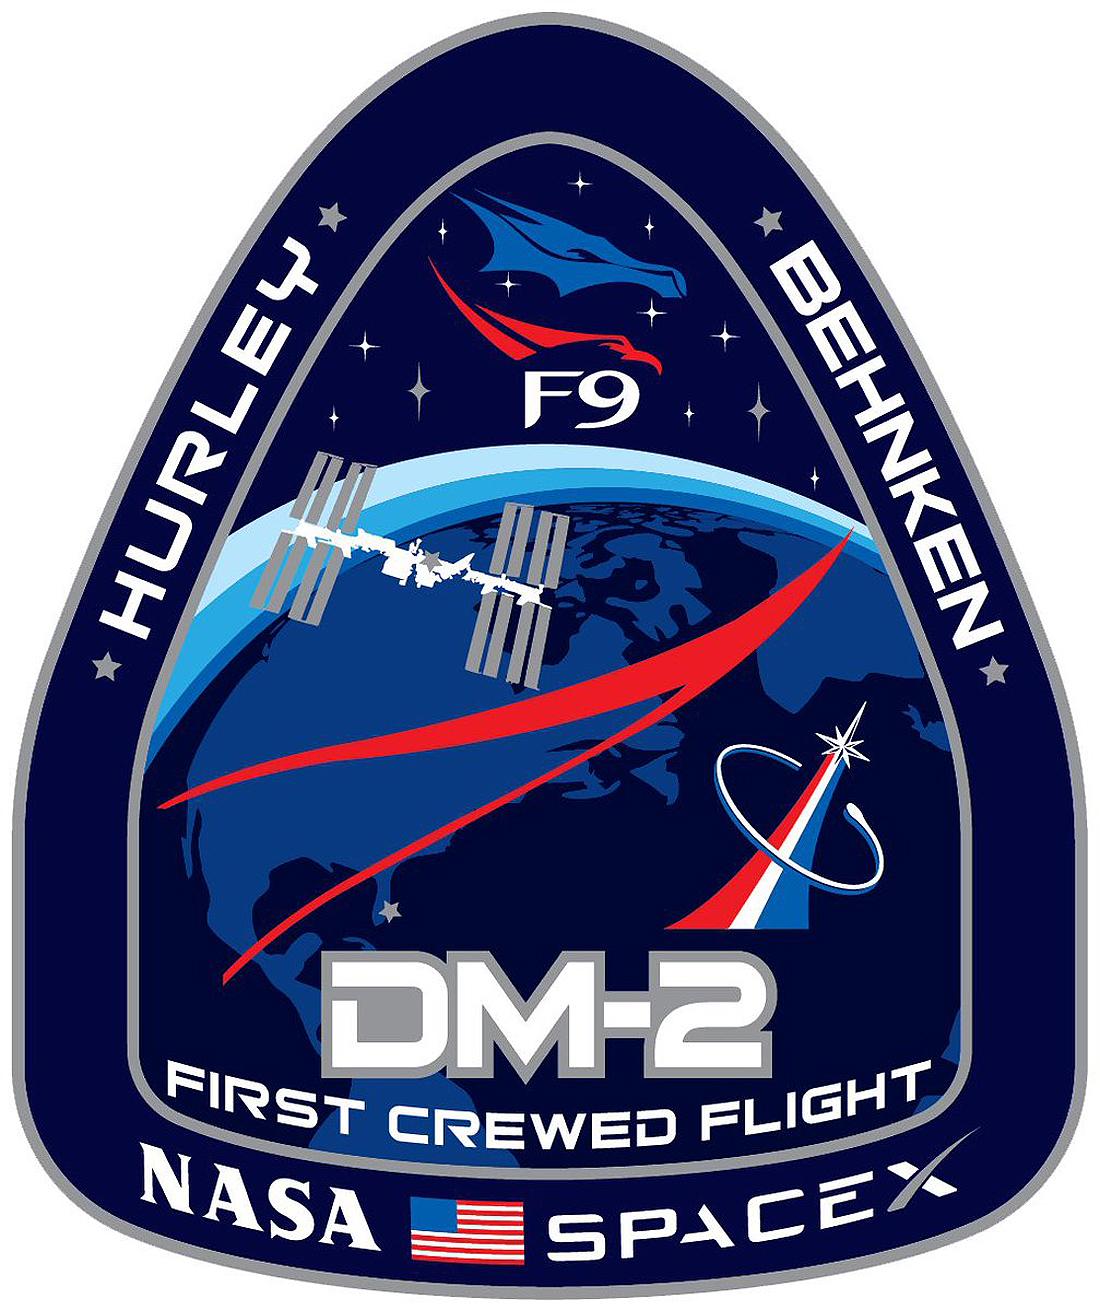 Crew Dragon DM-2, SpaceX, NASA